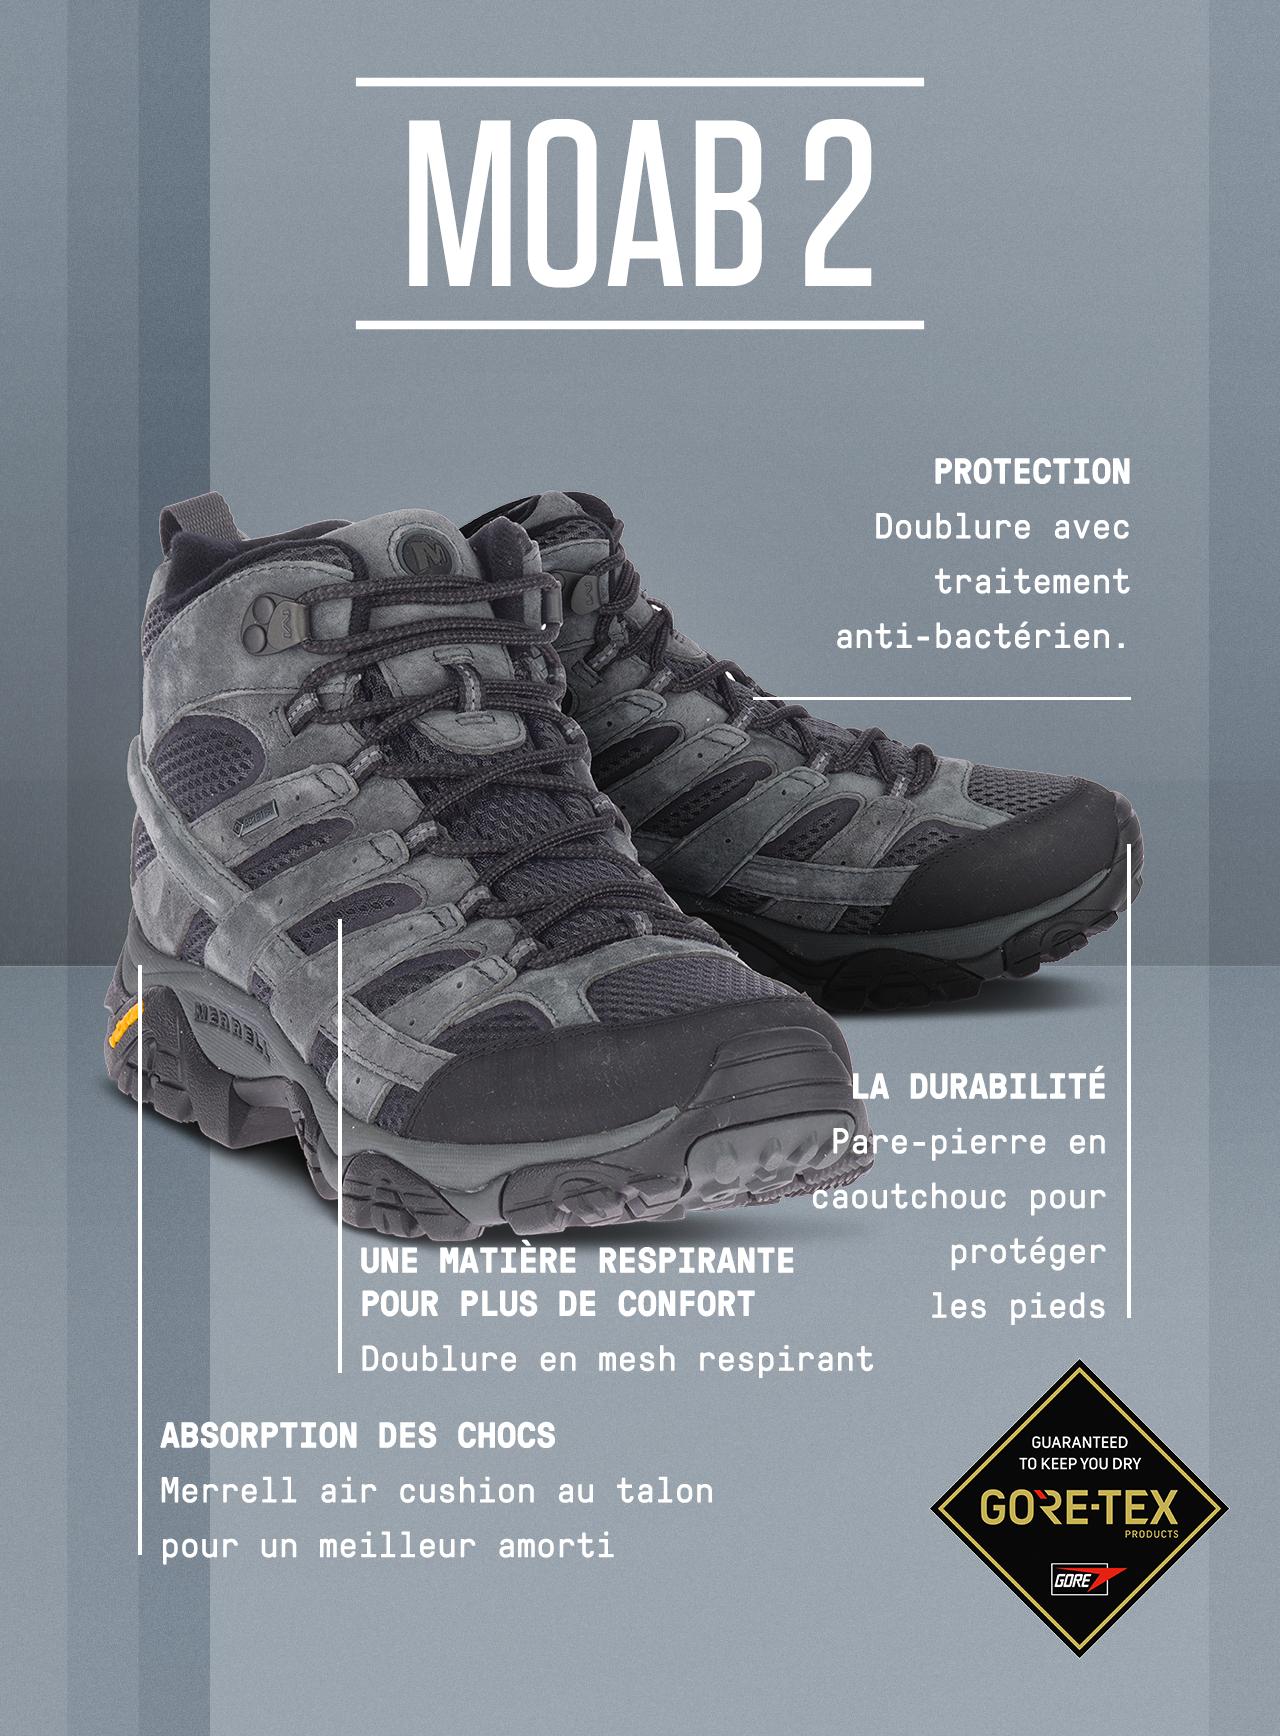 Merrell | Moab 2